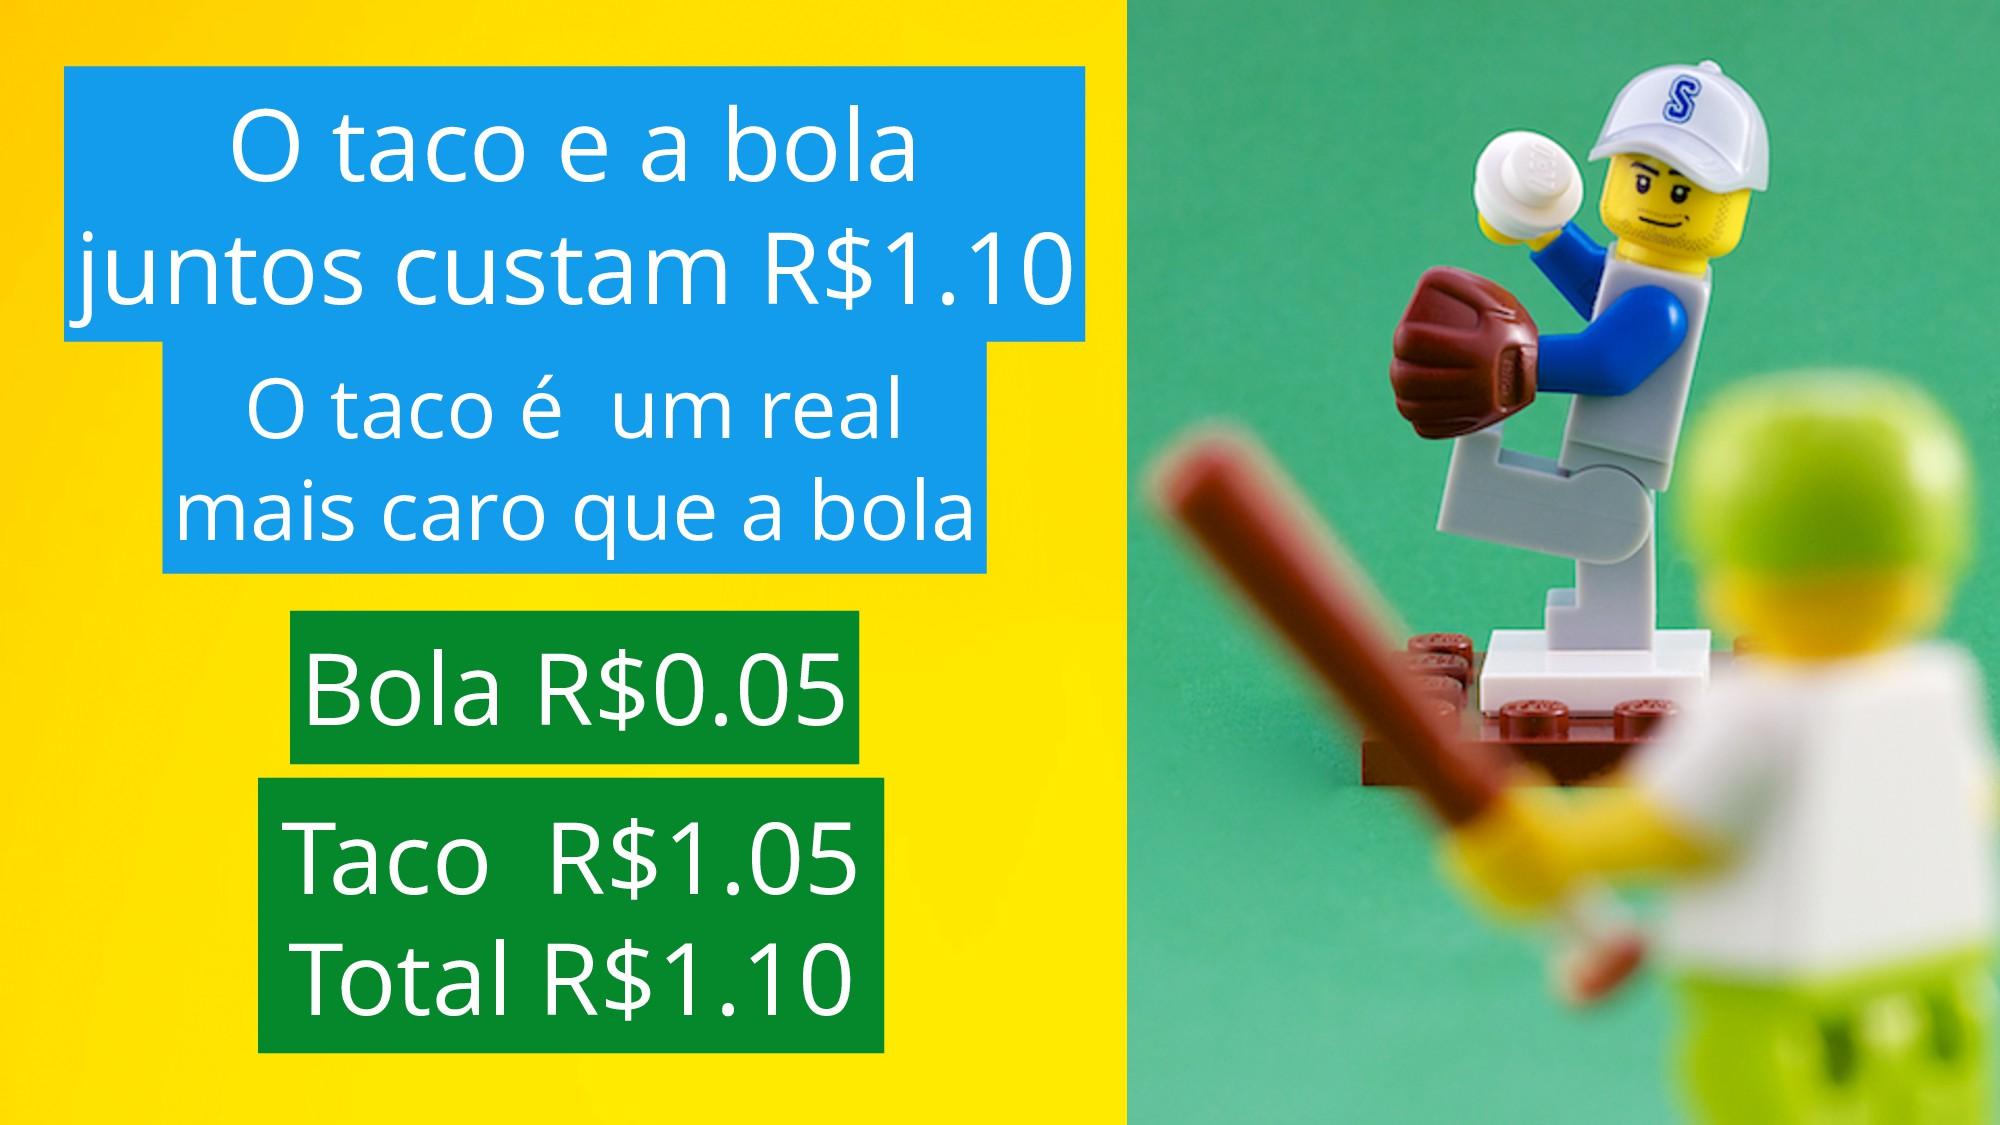 Bola R$0.05 Taco R$1.05 Total R$1.10 O taco é u...